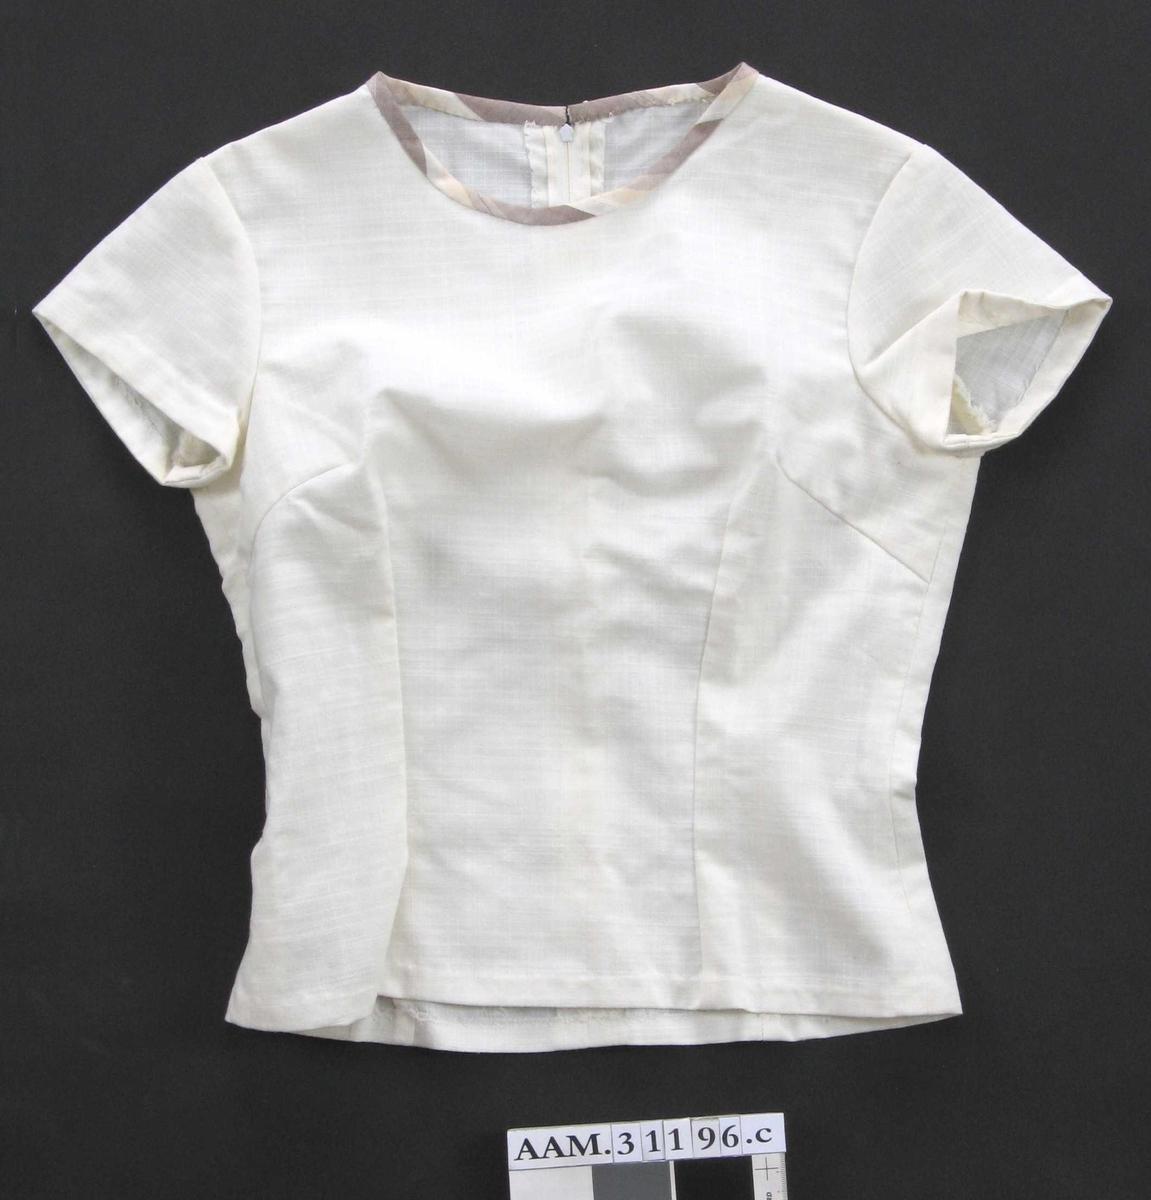 Figursydd, rund halsringning kantet med stoff som i jakke og skjørt, korte ermer, glidelås i ryggen.